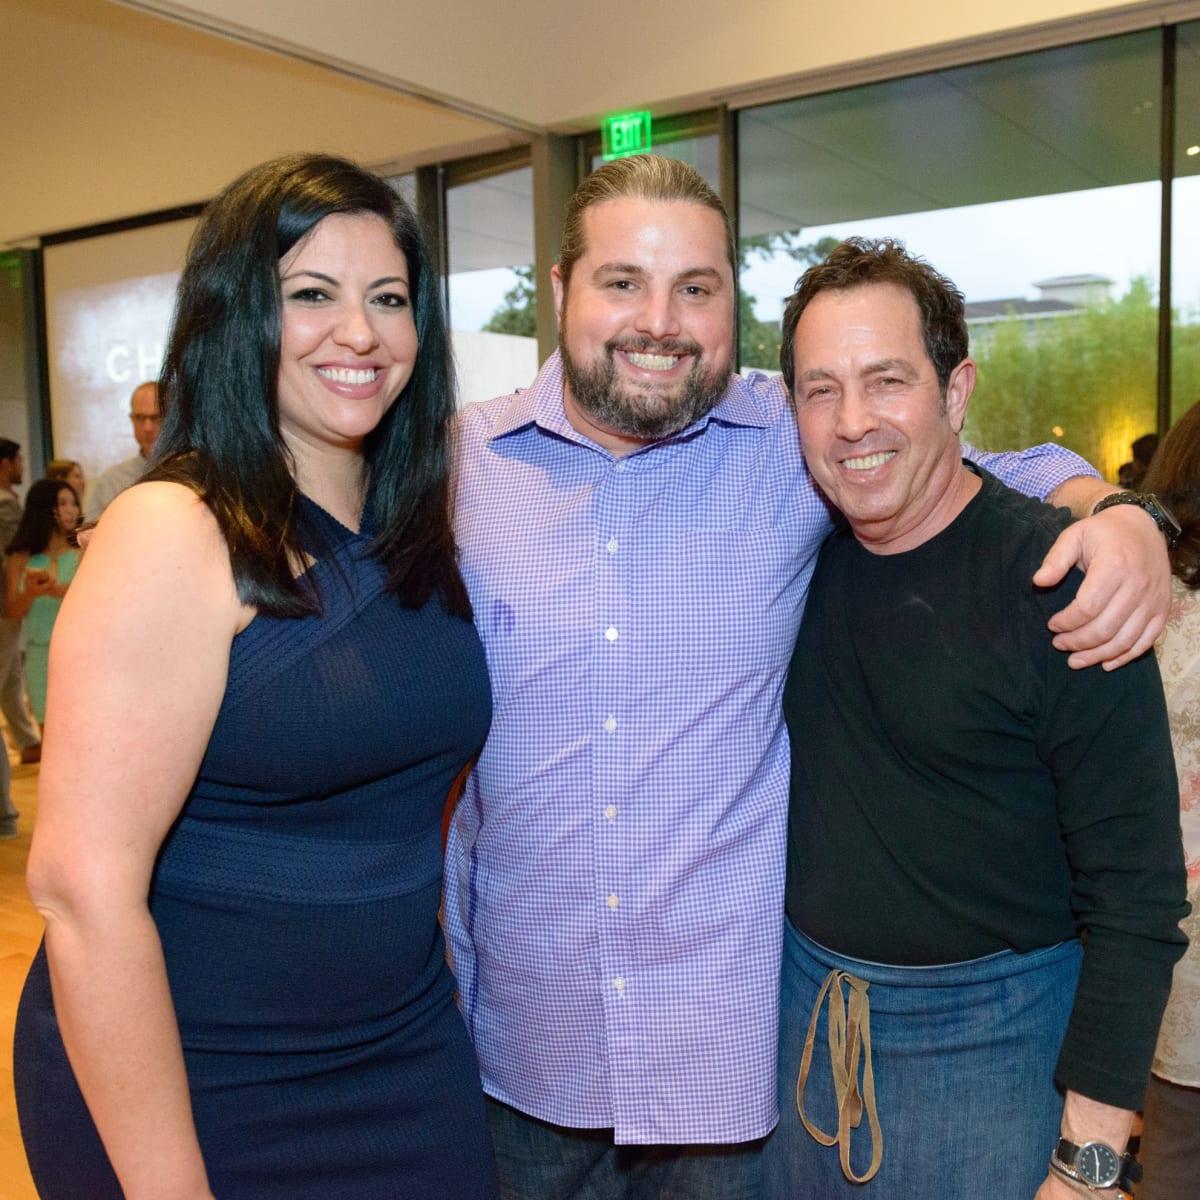 Tastemakers Houston 5/16 Suzy Pittman, Justin Turner, Richard Kaplan